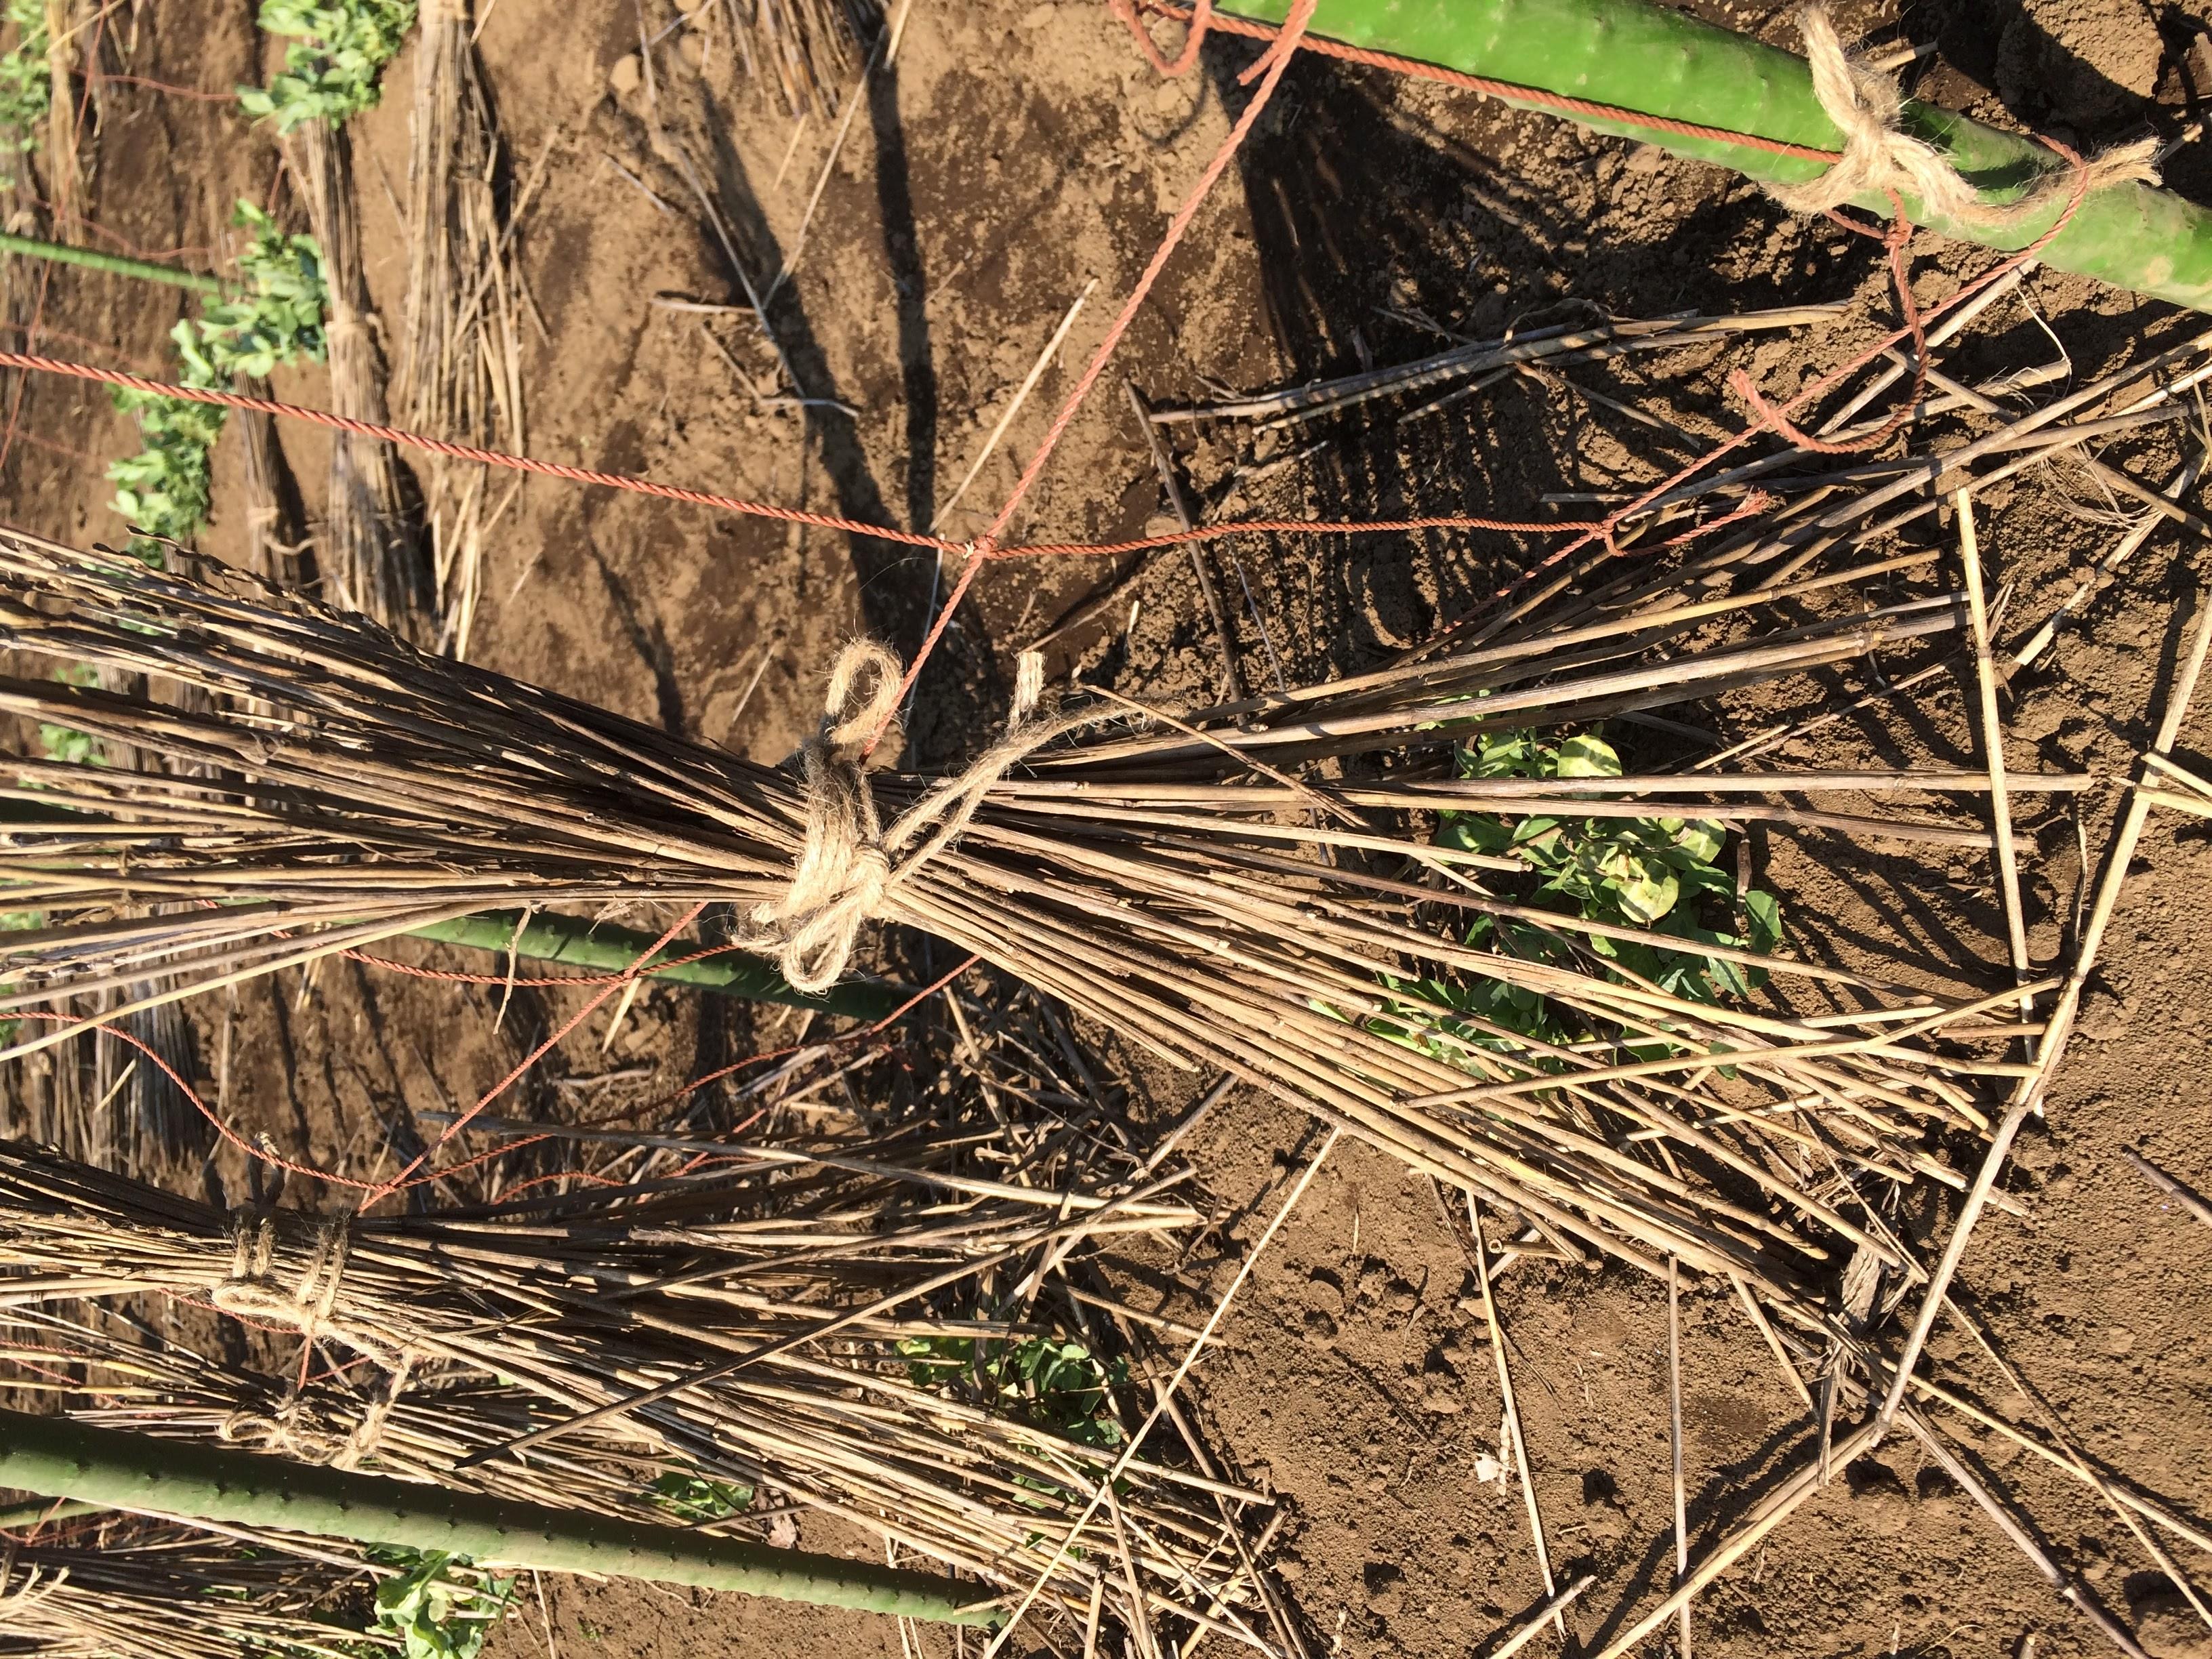 スマップ?スナップ?遠藤さん?(笑)【無肥料自然栽培農家 明石農園 研修15日目(2016年2月27日)】